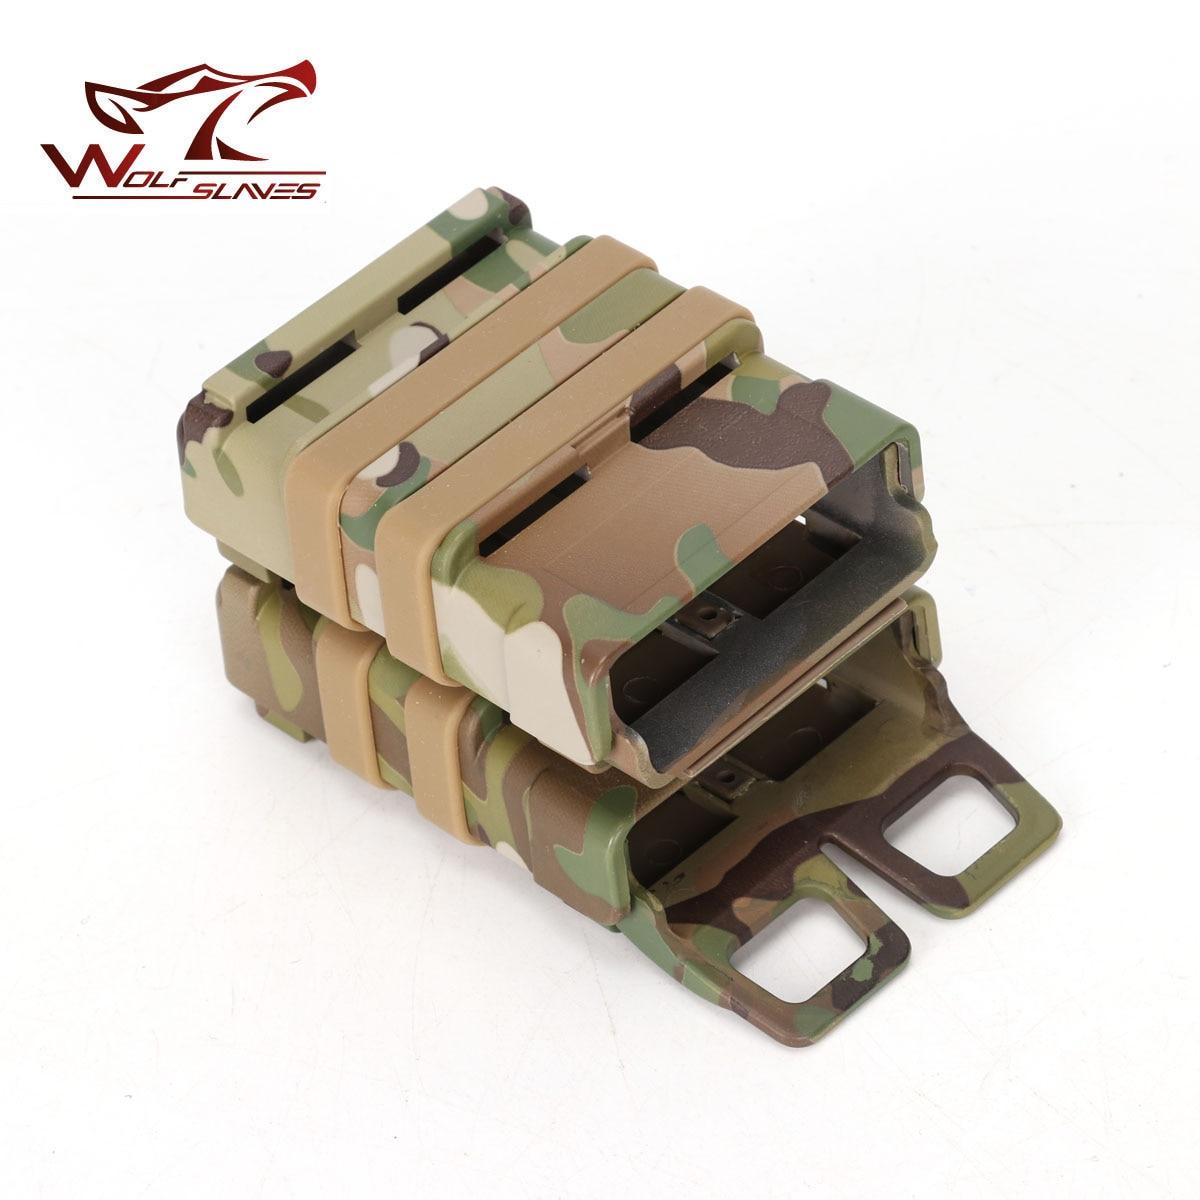 En plein air Boîte AEG Tactique Fusil 5.56 Rapide Mag Double Magazine Pouch Molle Grève Système Cas pour M4/M16/AR15 Accessoires